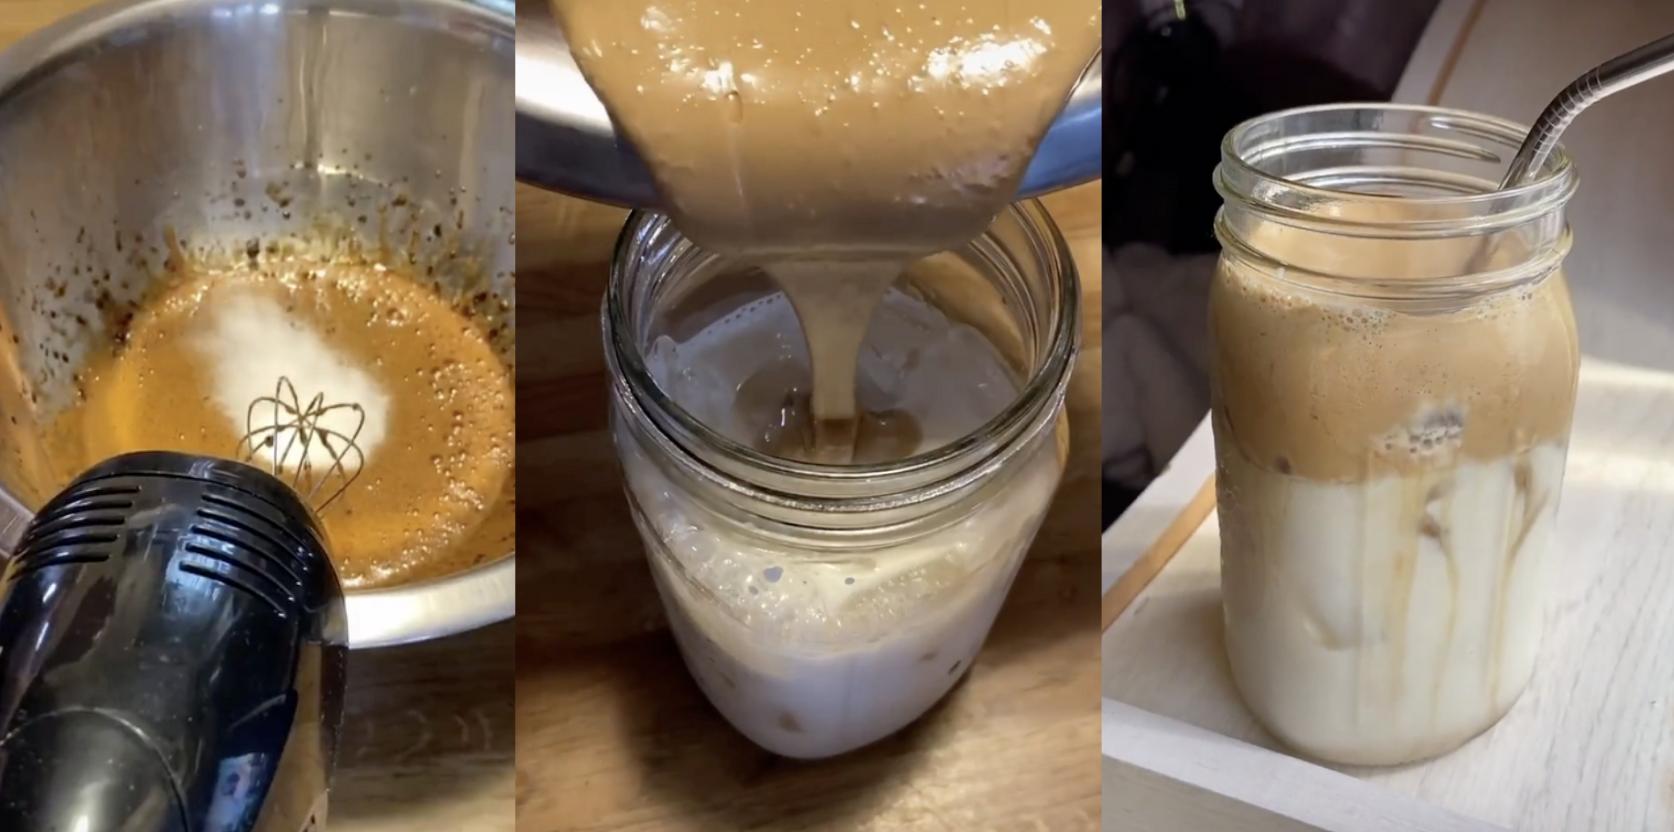 Creamy Coffee Is The Latest Tiktok Trend